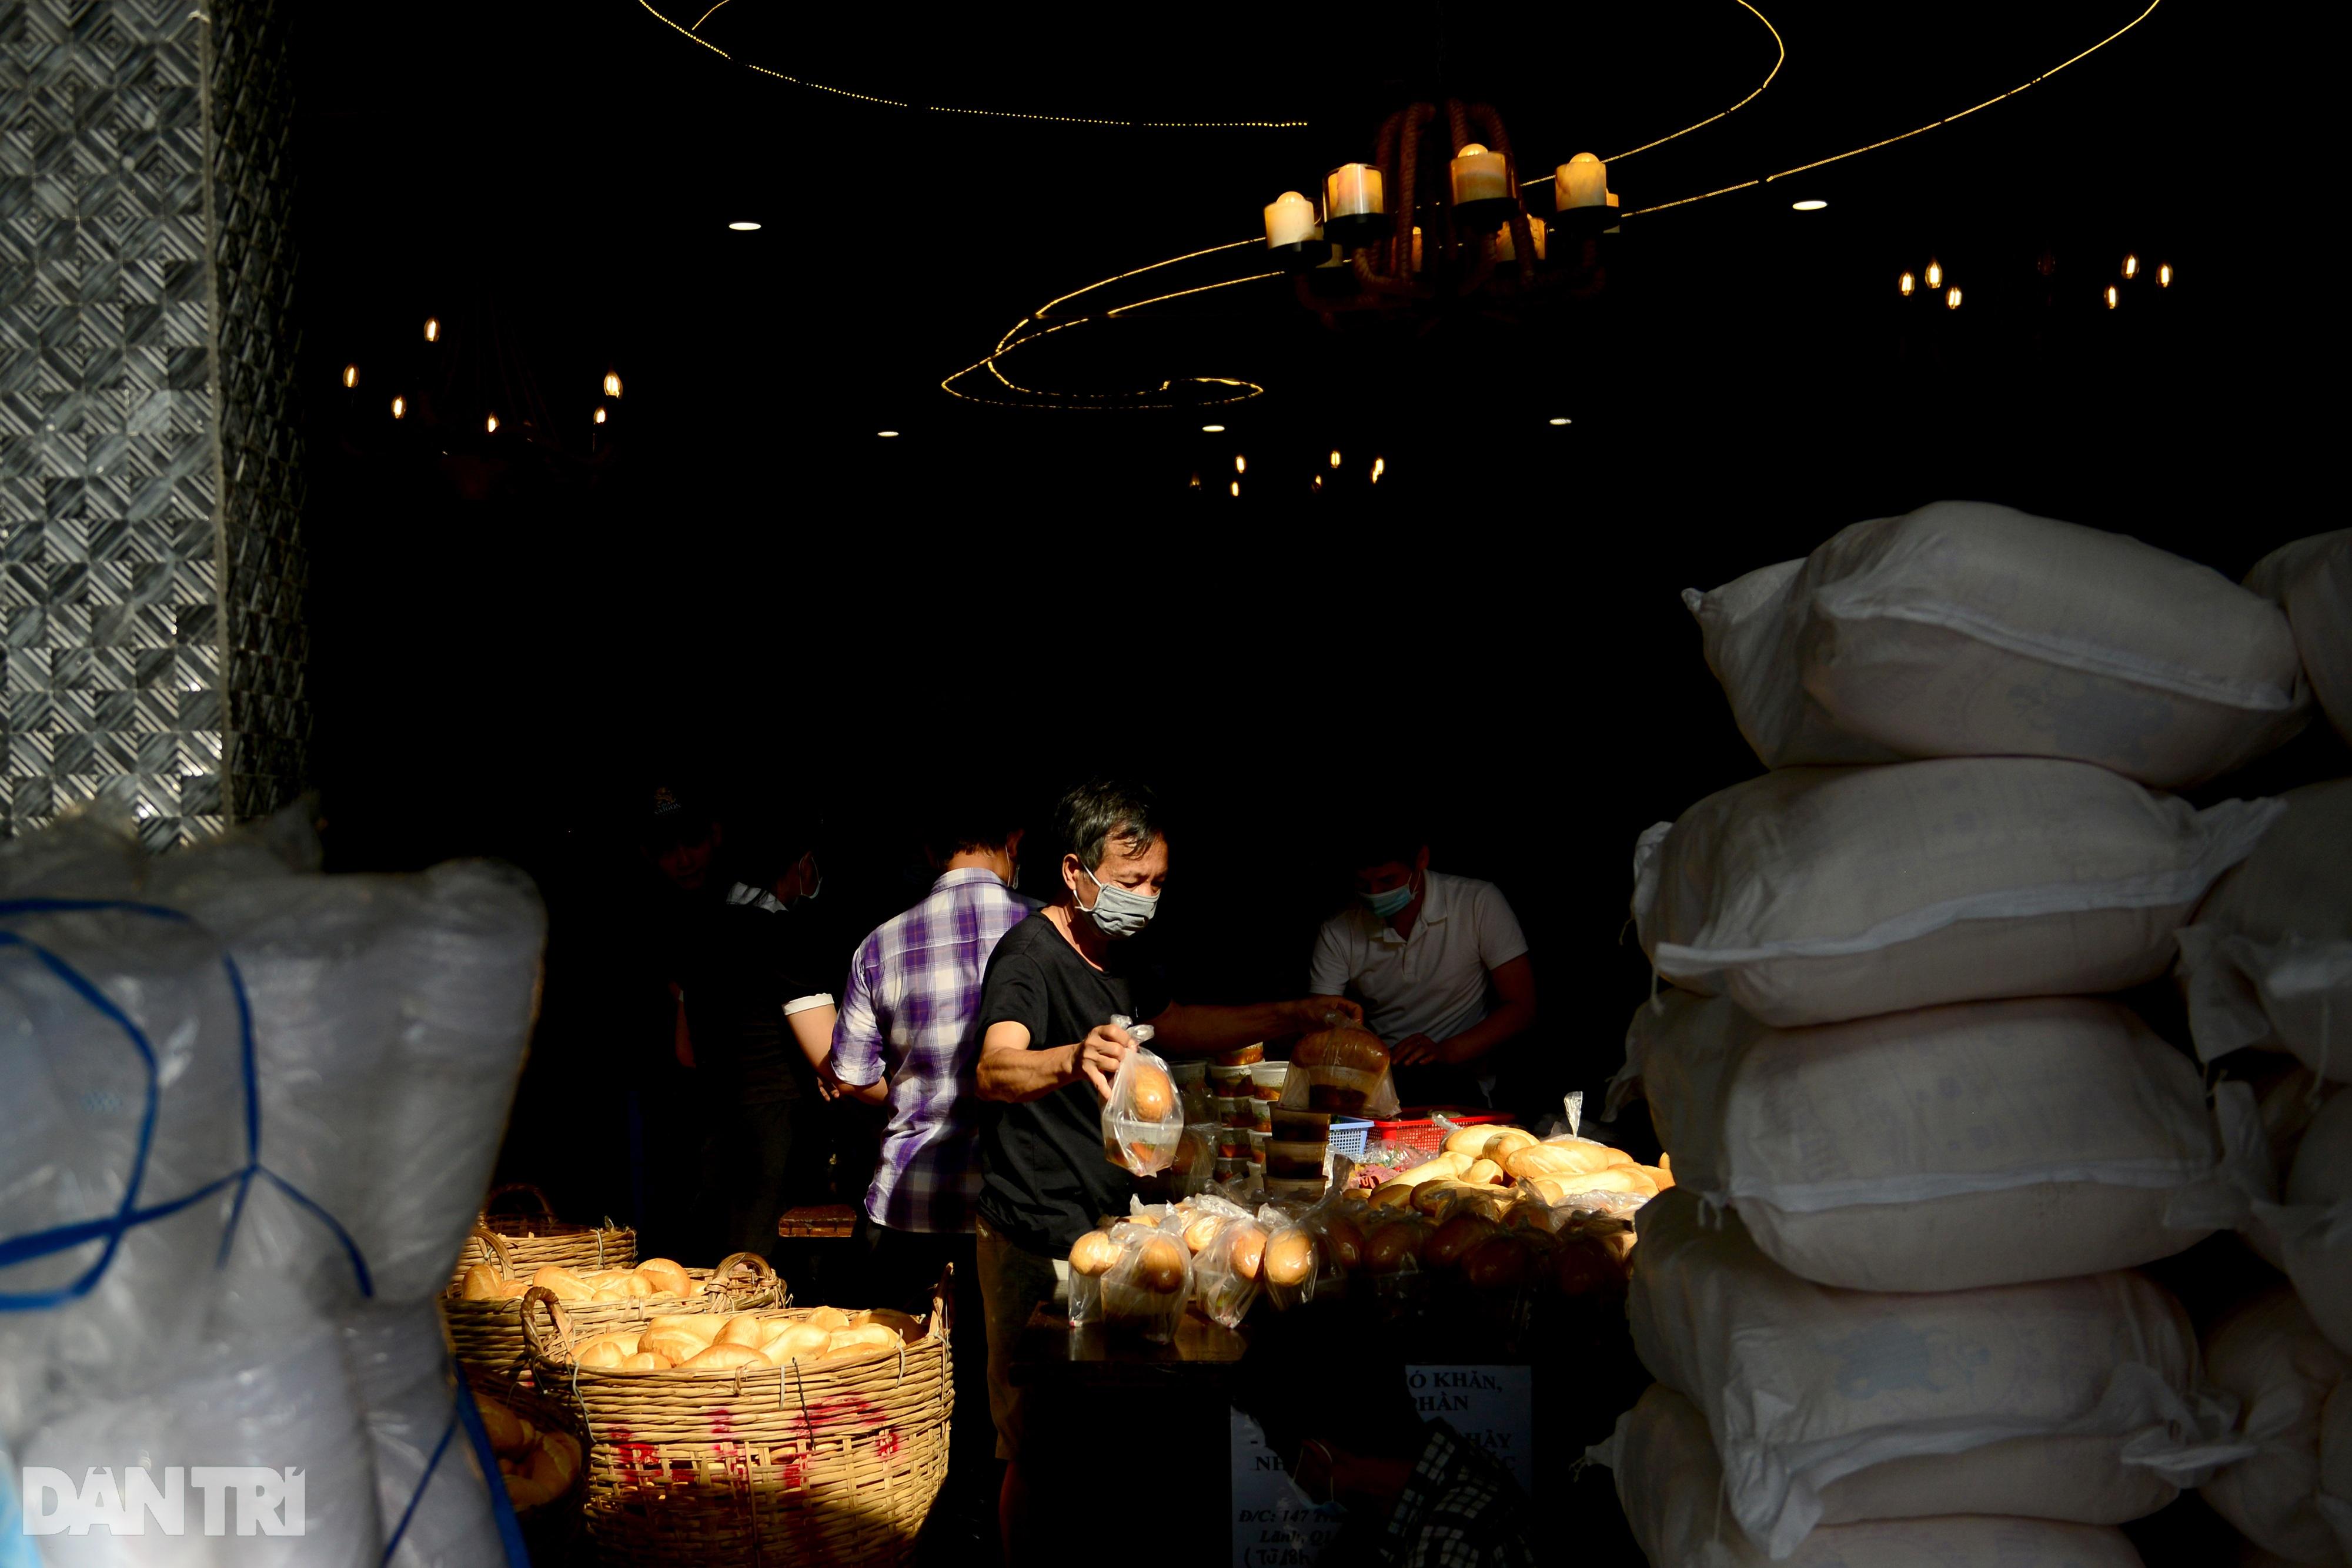 Mạnh thường quân nấu 2.000 suất ăn tiếp tế khu cách ly, người nghèo ở TPHCM - 12